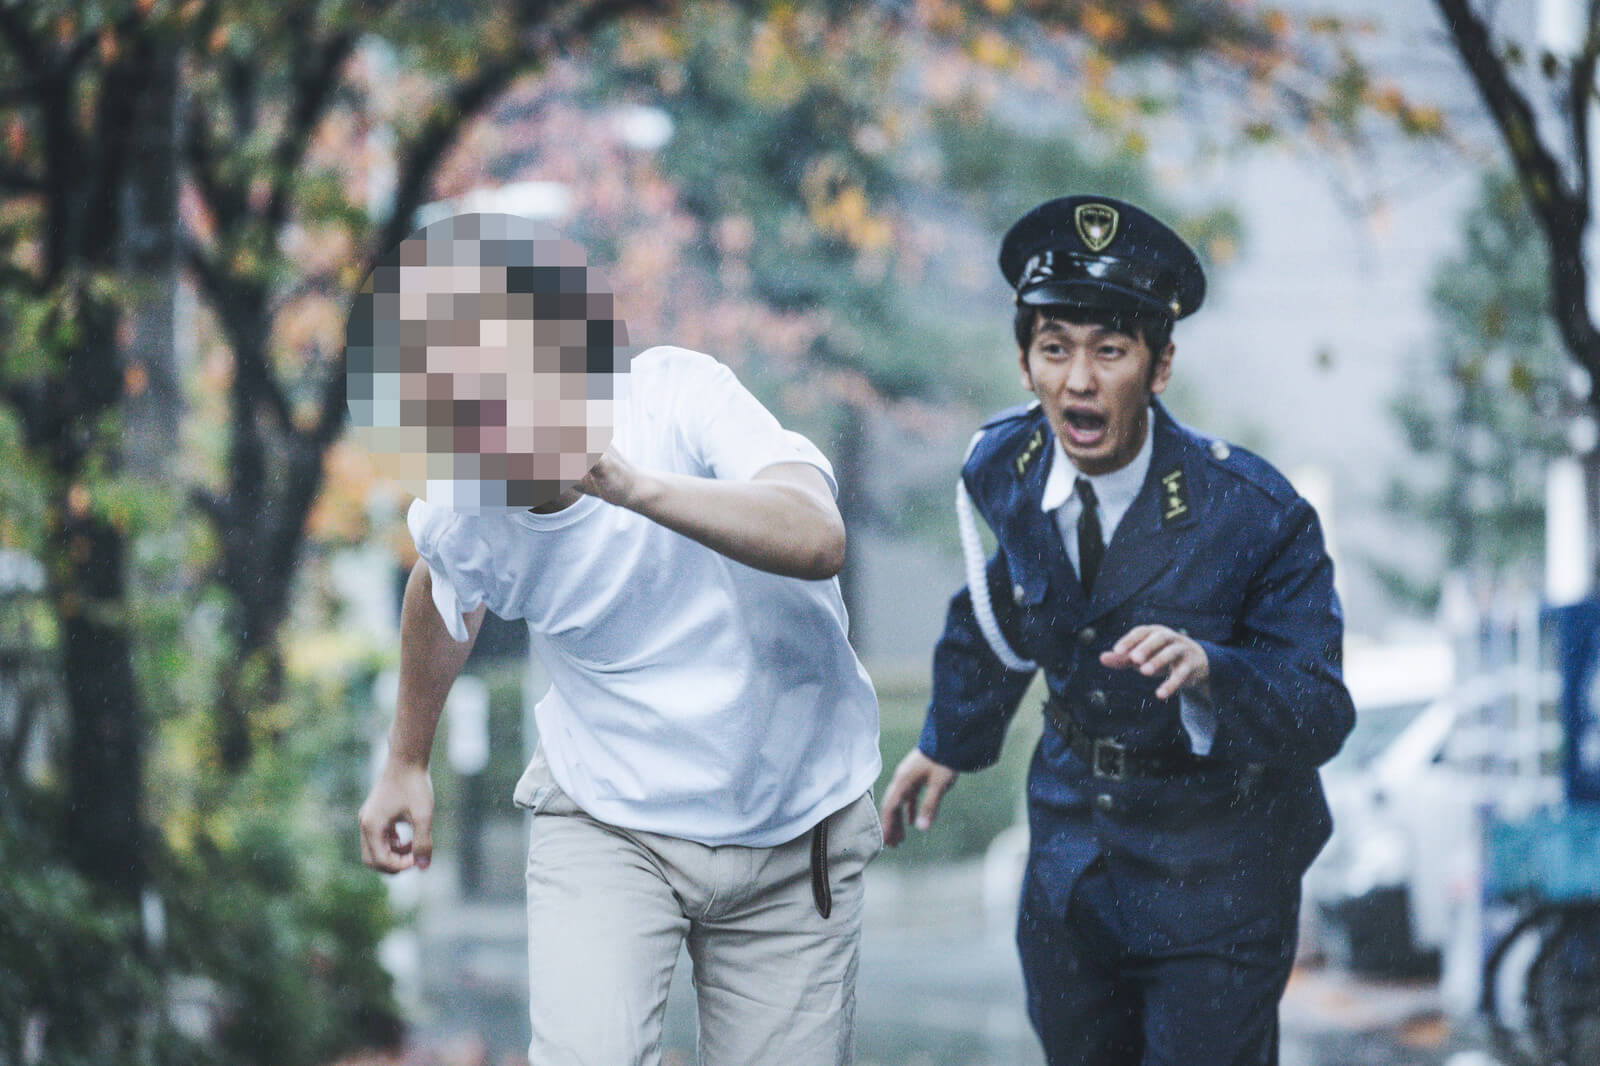 脱走23日間!平尾容疑者逮捕直前の状況の詳細とは?